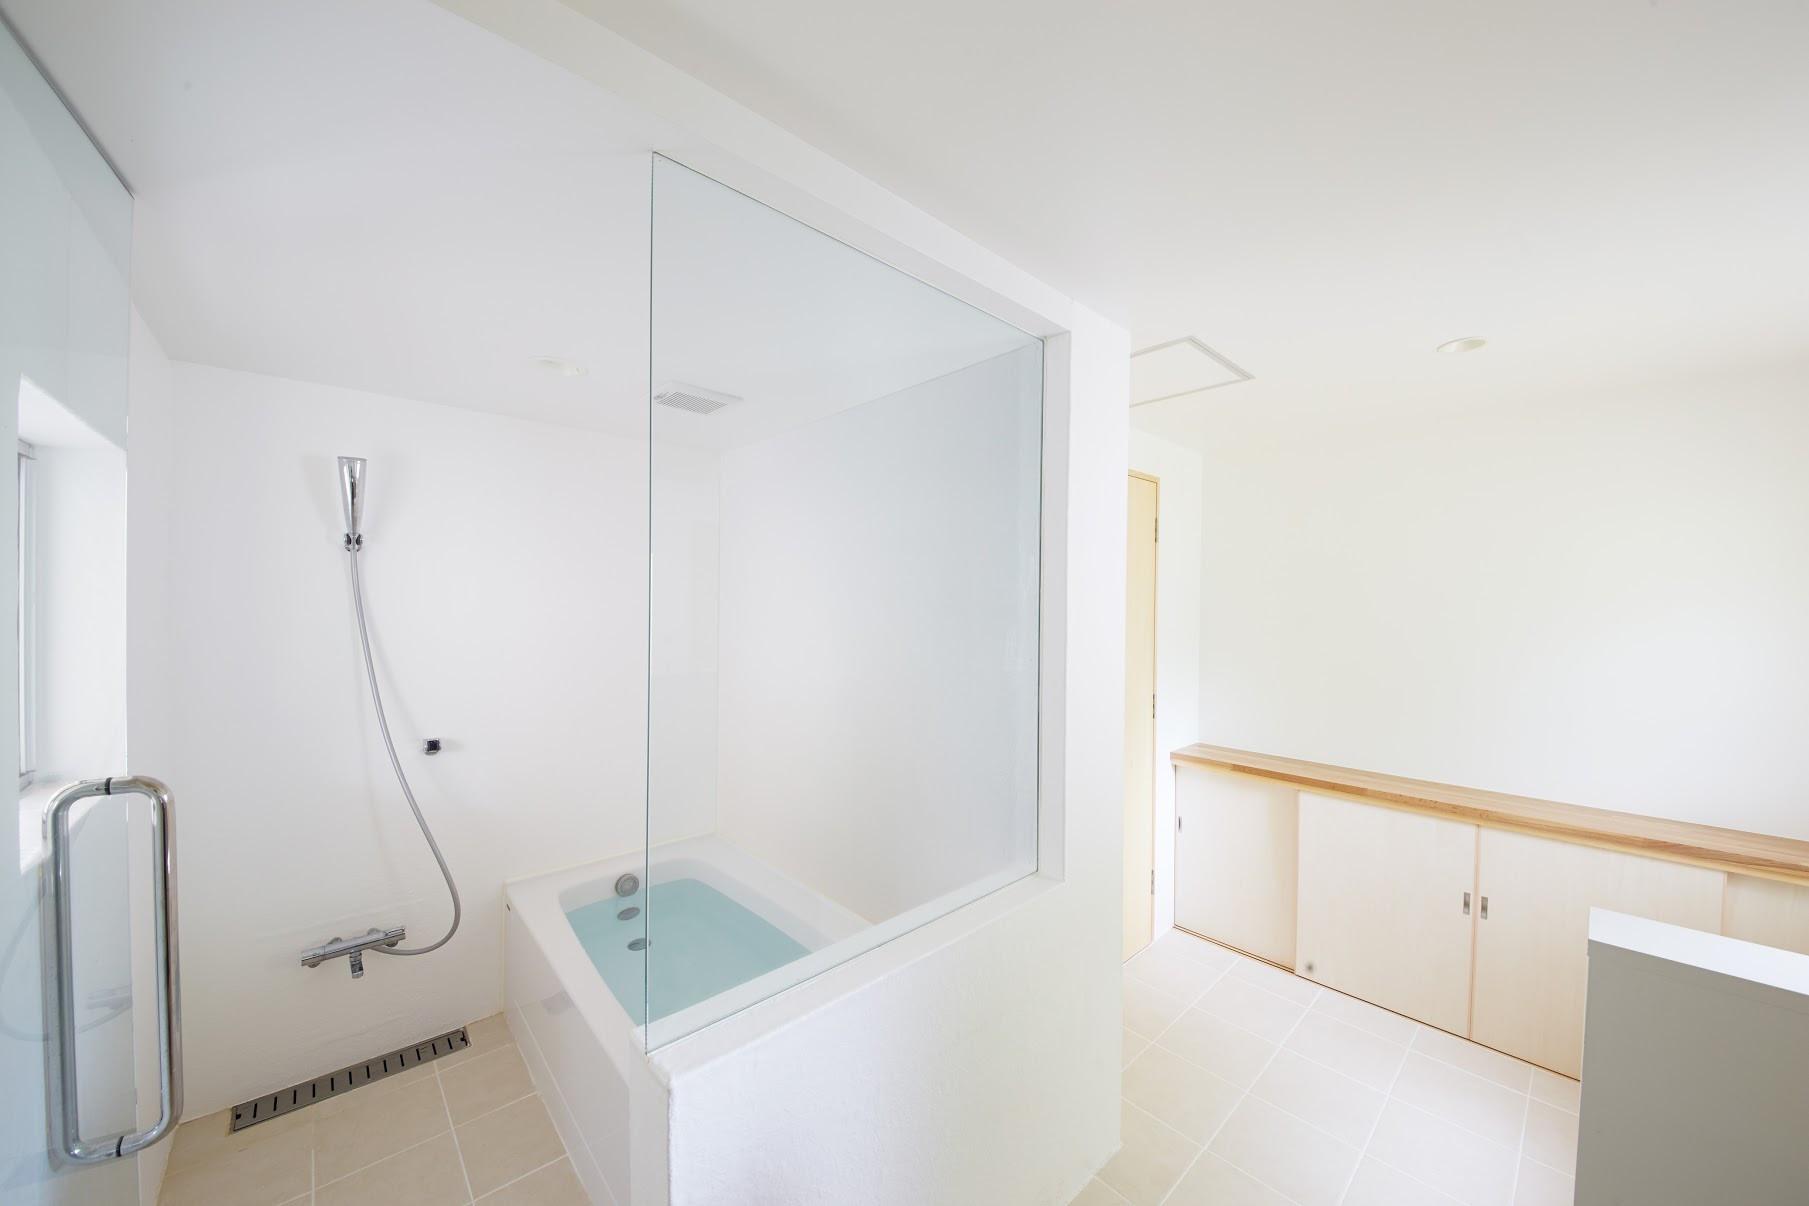 g.restroom-2.jpg